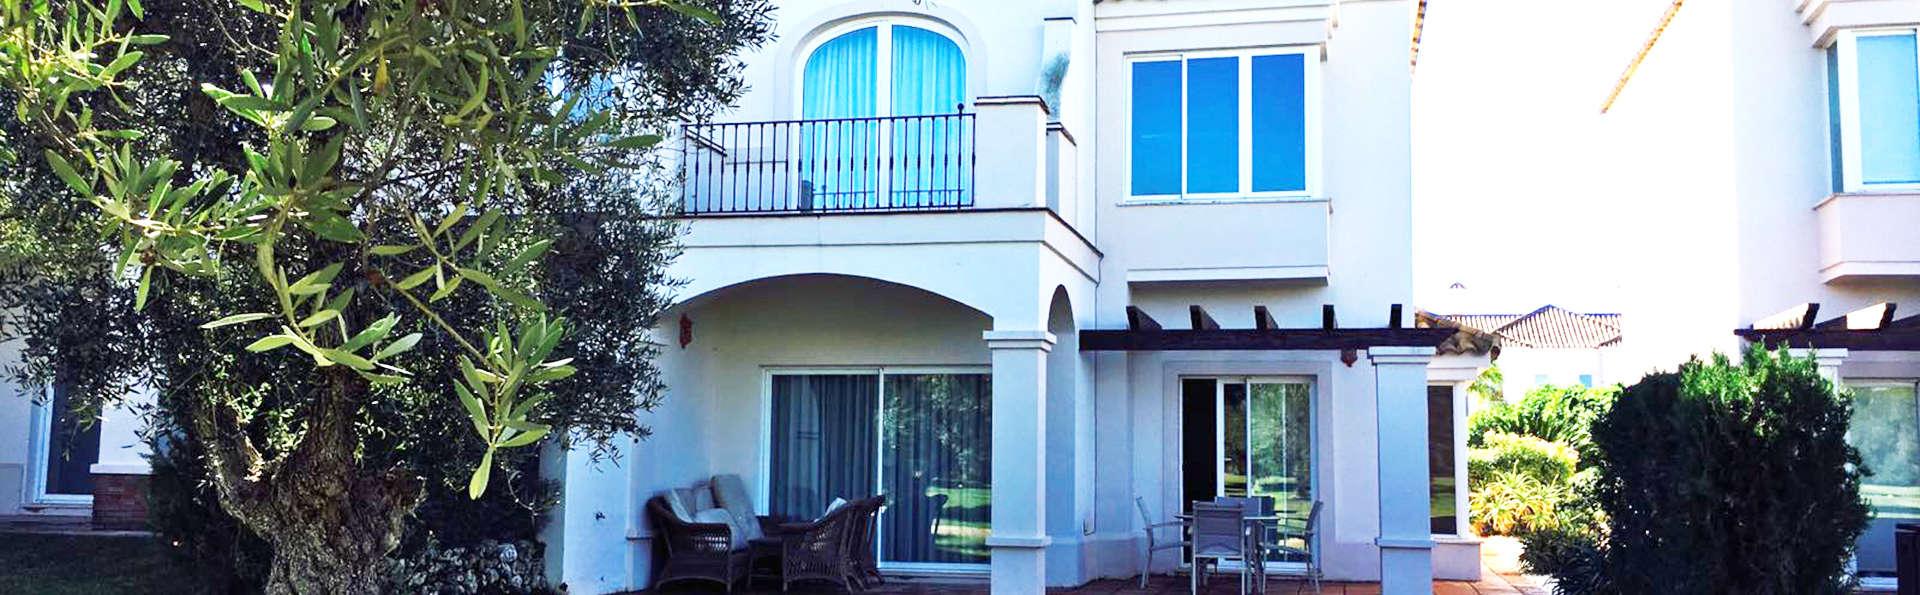 Arcos Golf Hotel Cortijo y Villas - EDIT_front3.jpg